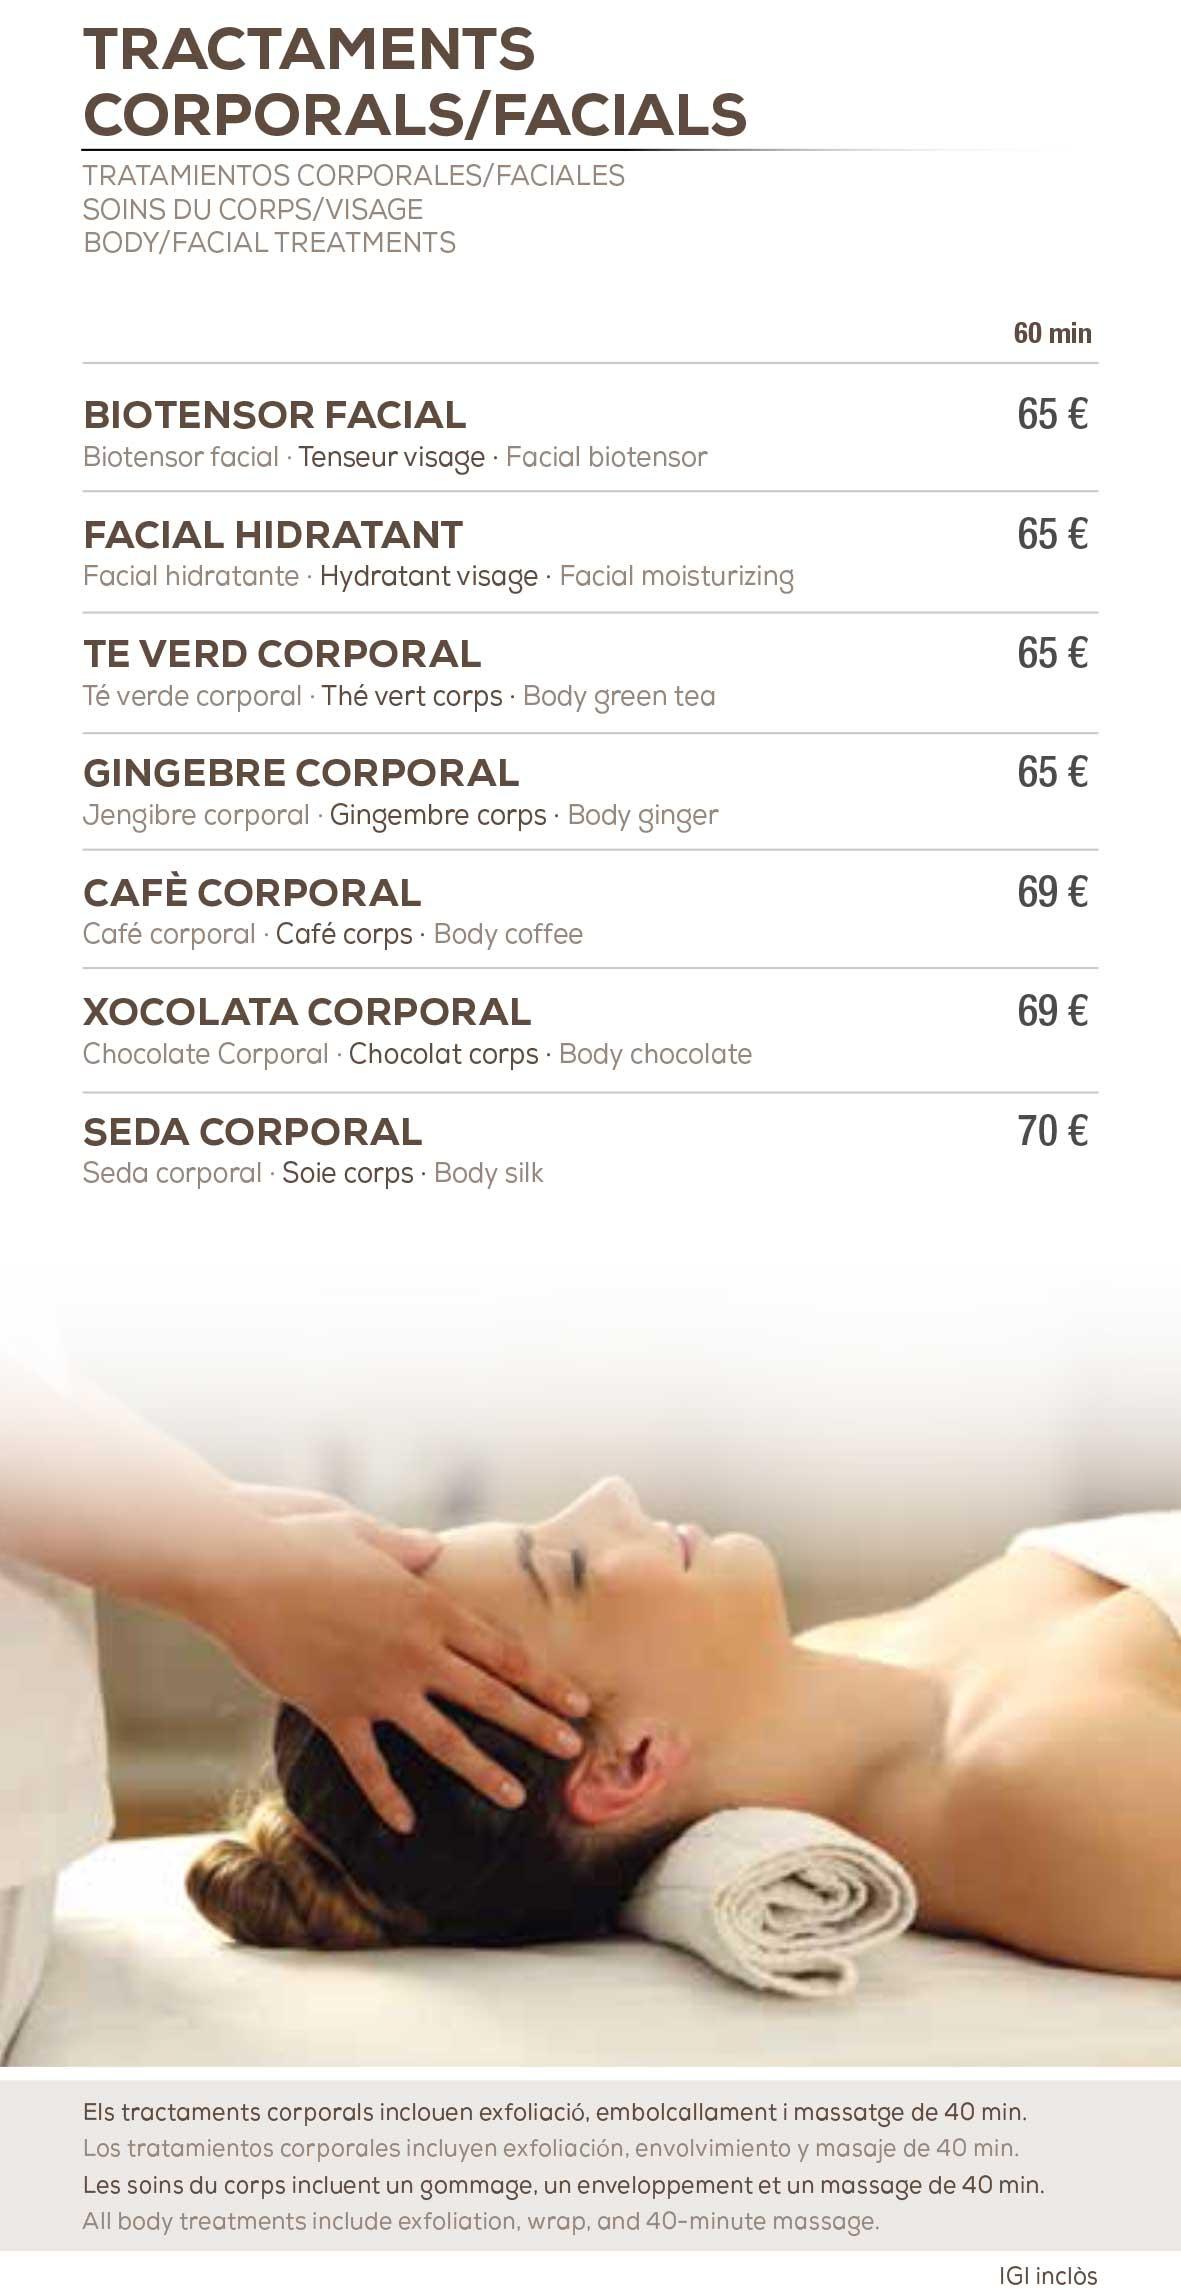 Carta_massatges_Centric_Atiram_02